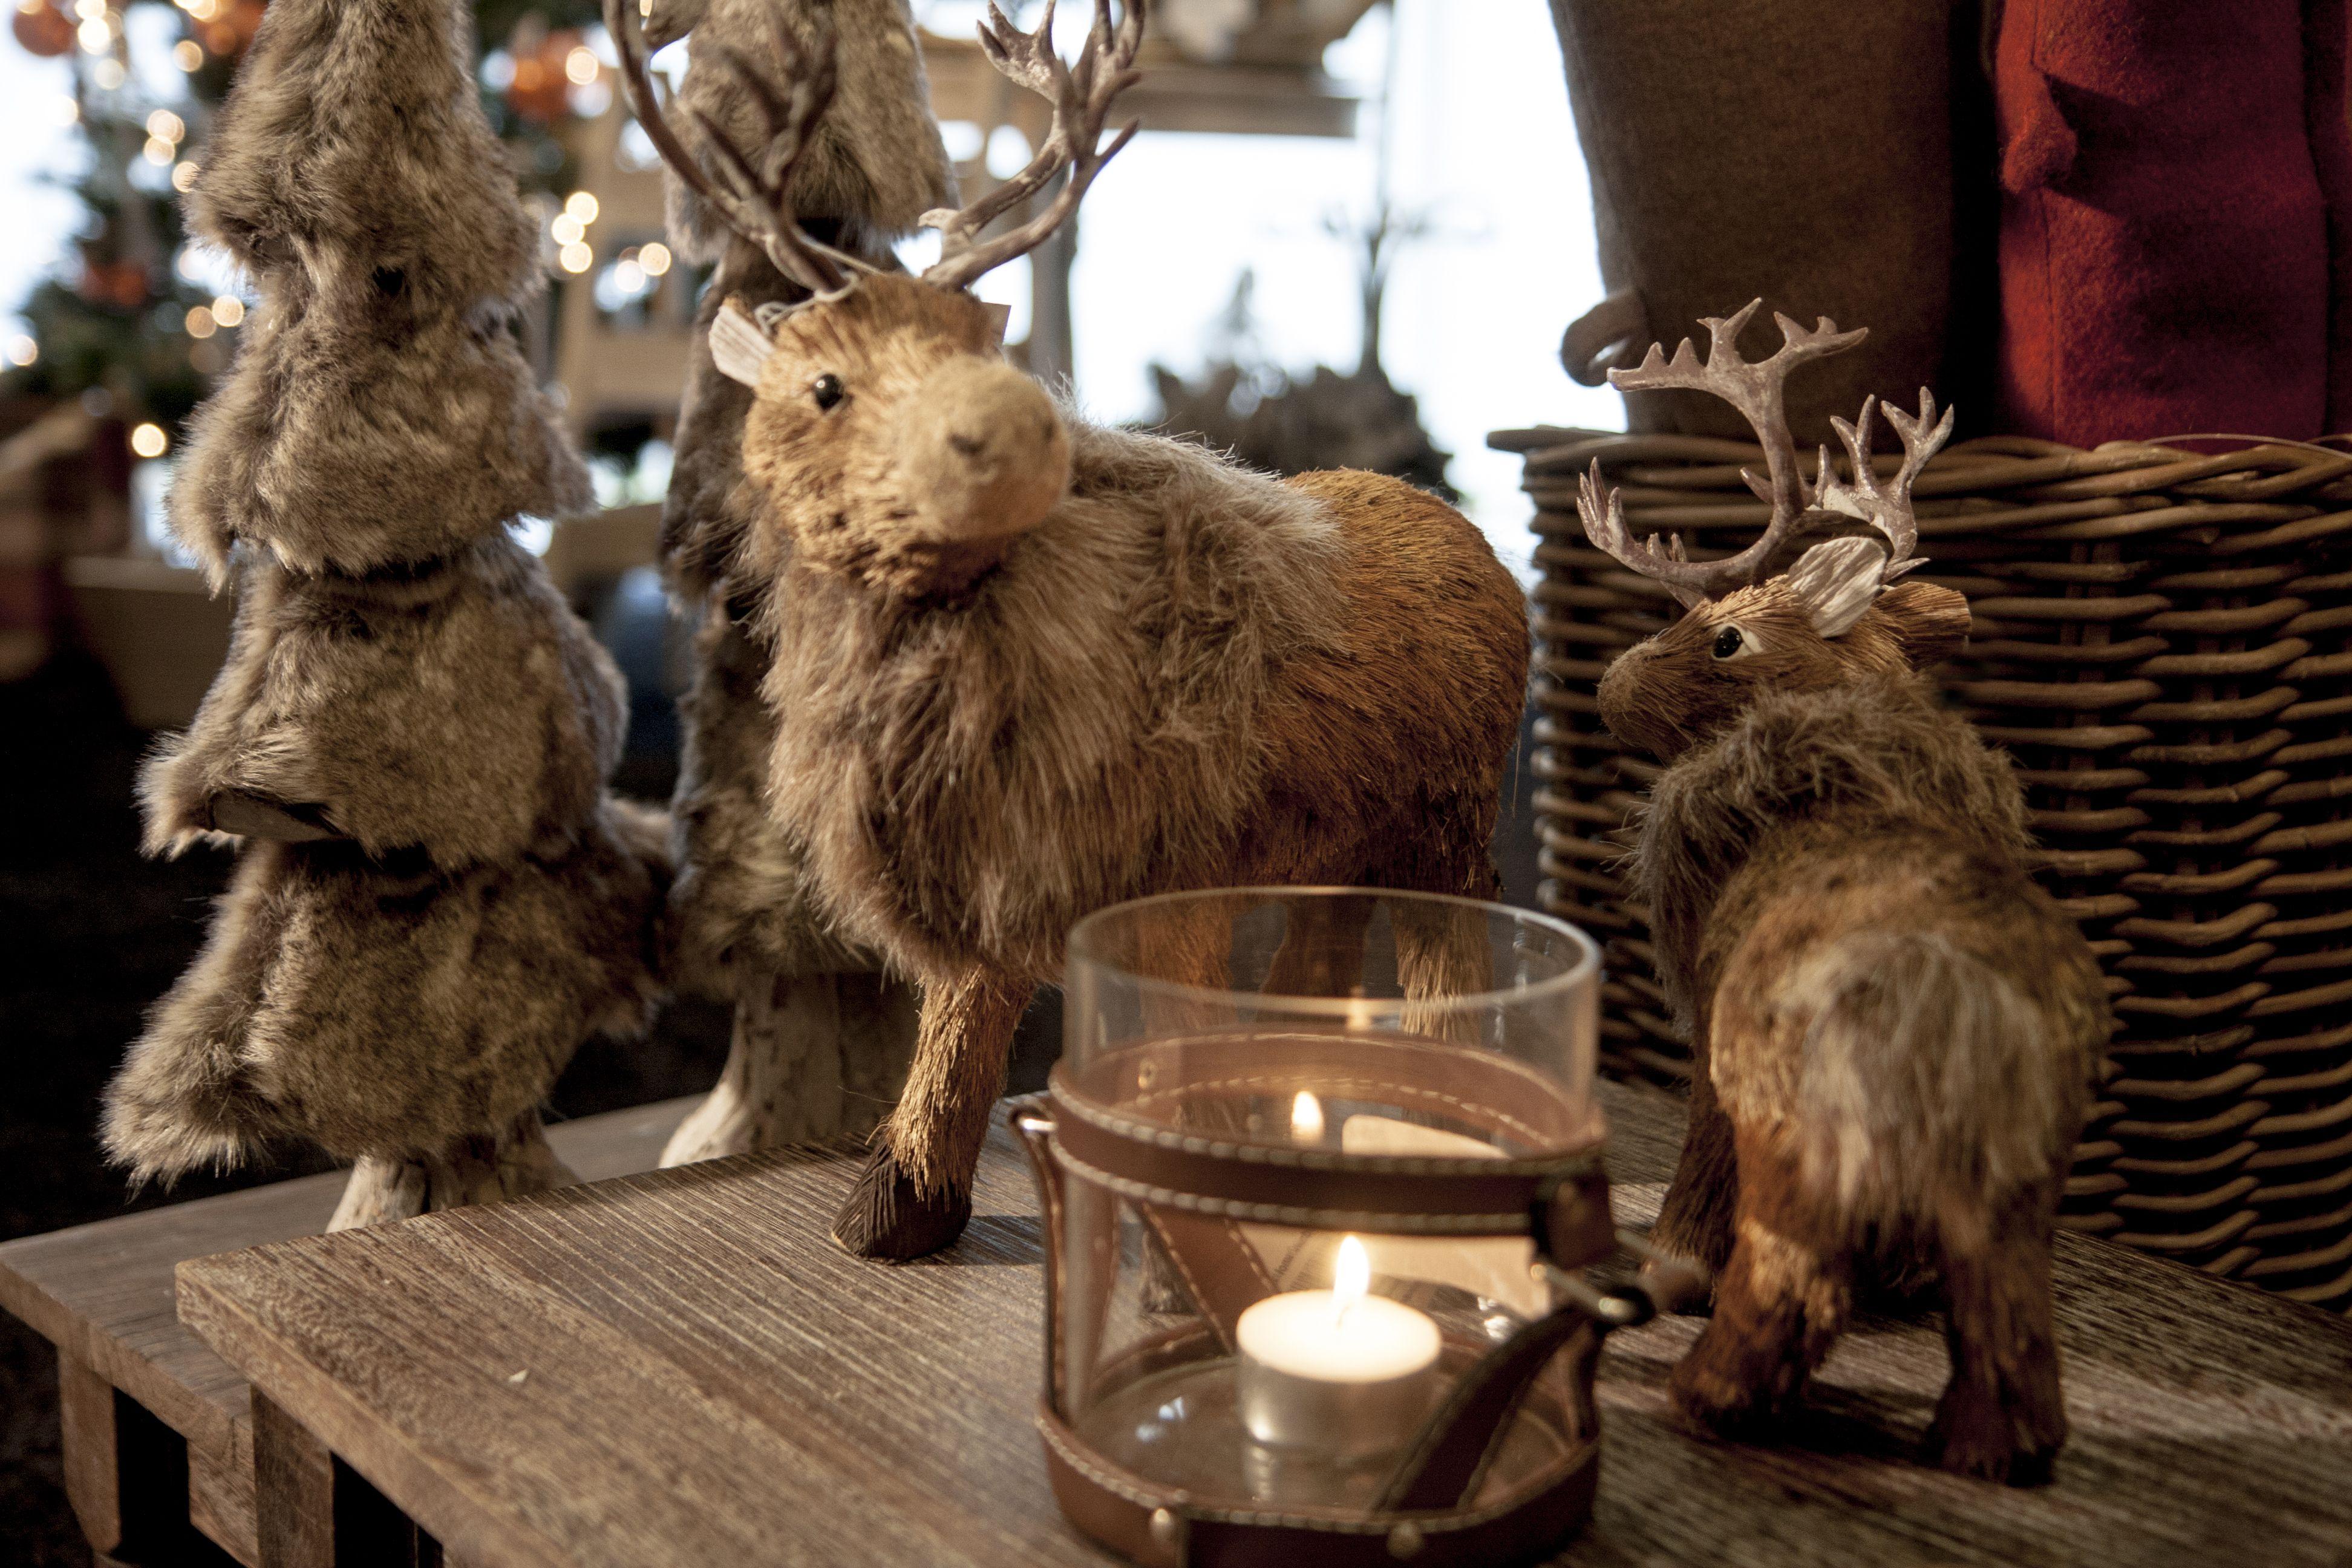 Kerstversiering kan ook zeer stijlvol zijn. Wacht dacht je van deze prachtige rendieren? Te koop bij meubelen-heylen.com